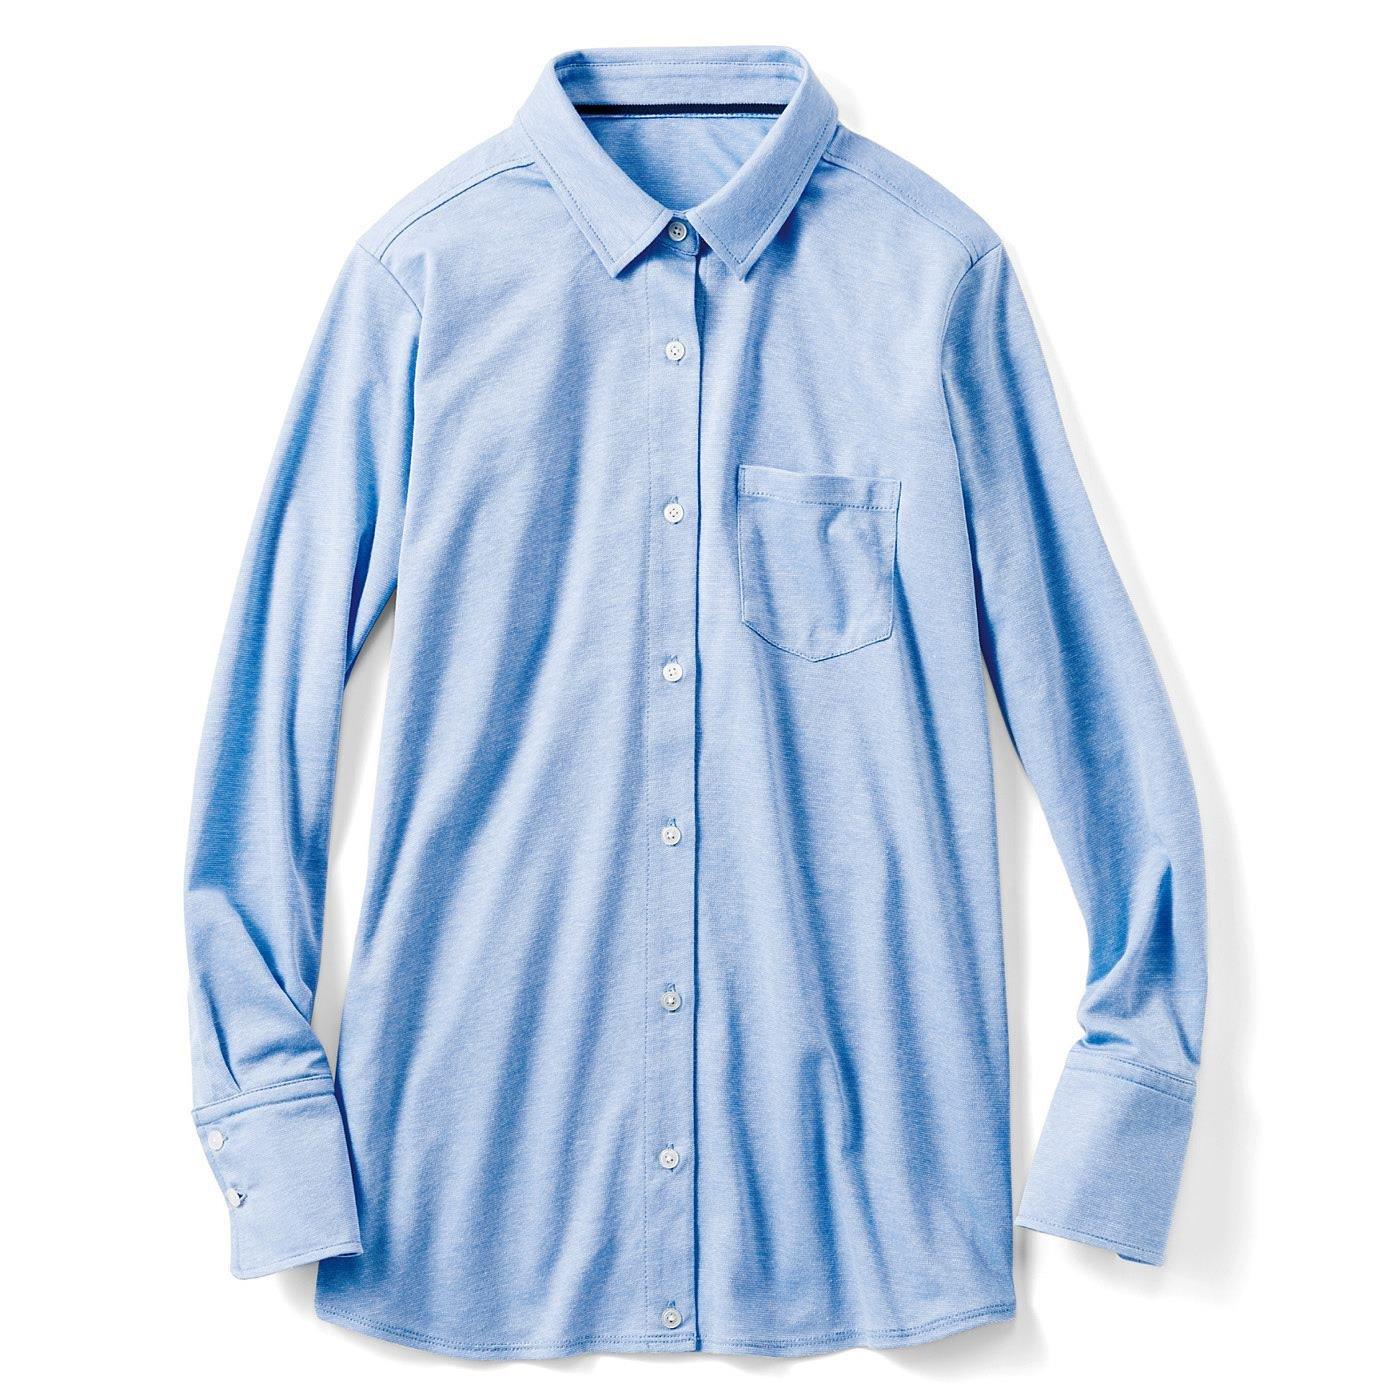 IEDITレーベルコレクション きれい見えして快適なこなれカットソーシャツ〈ライトブルー〉